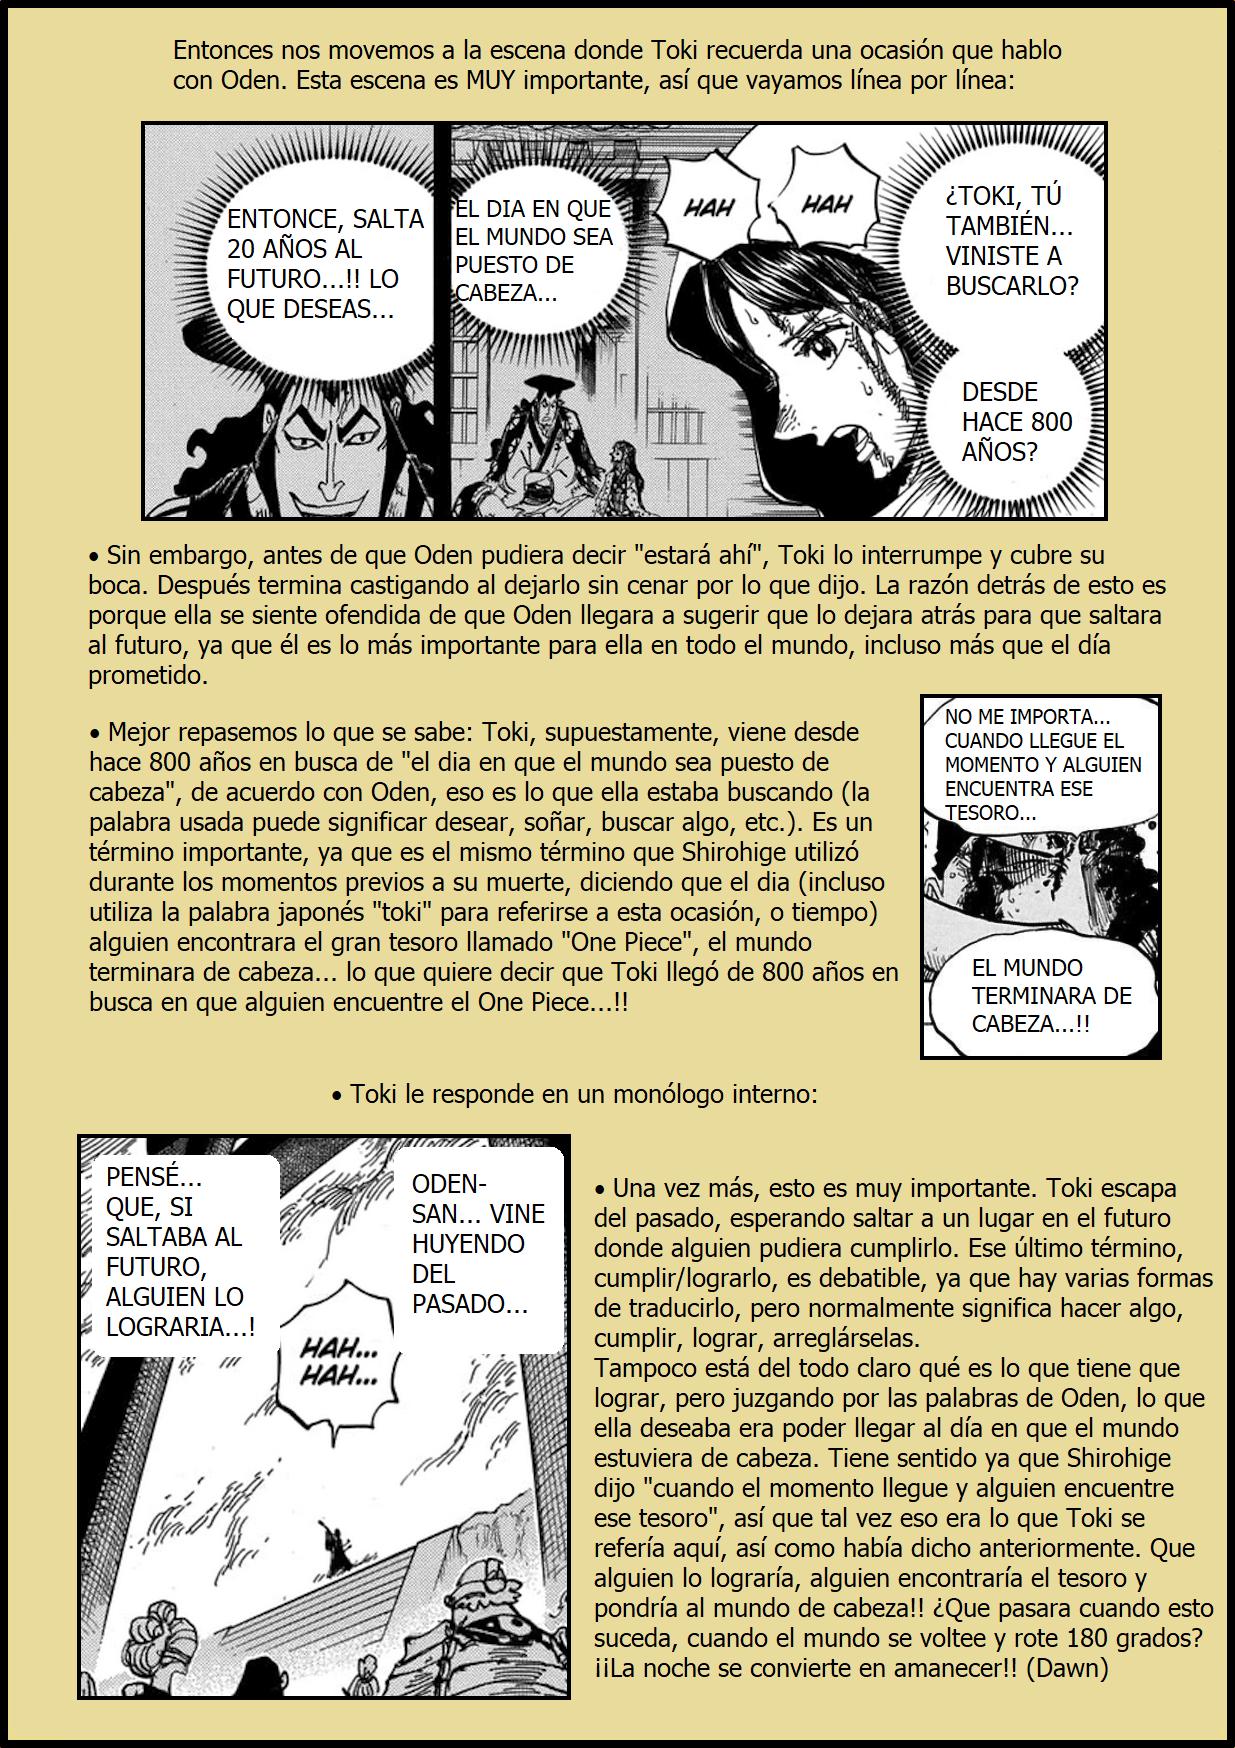 Secretos & Curiosidades - One Piece Manga 973 13